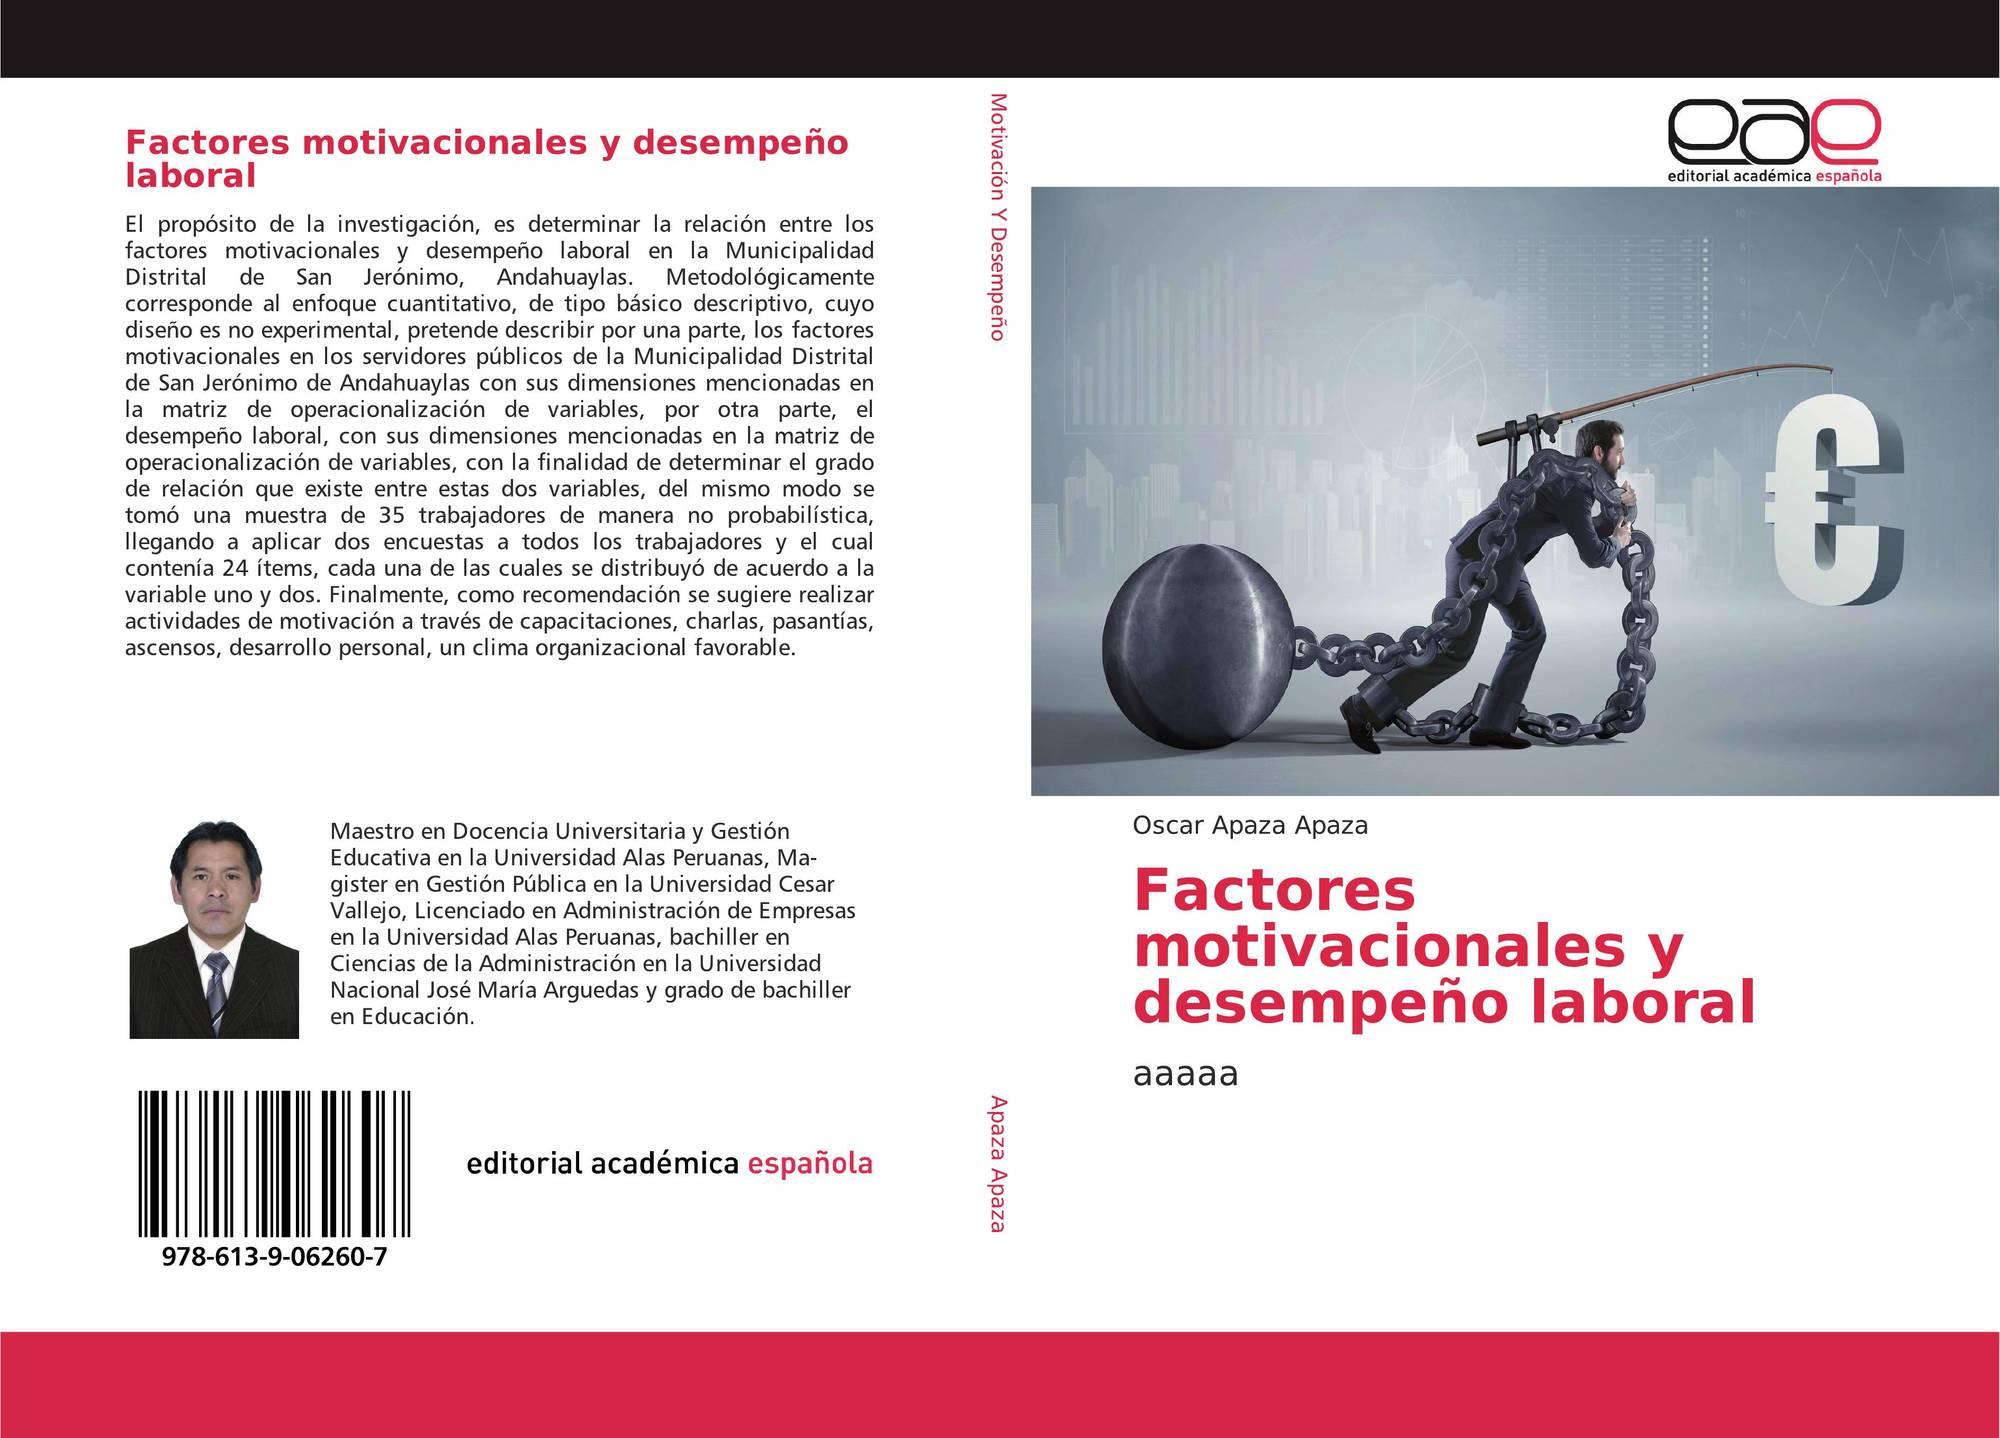 Factores Motivacionales Y Desempeño Laboral 978 613 9 06260